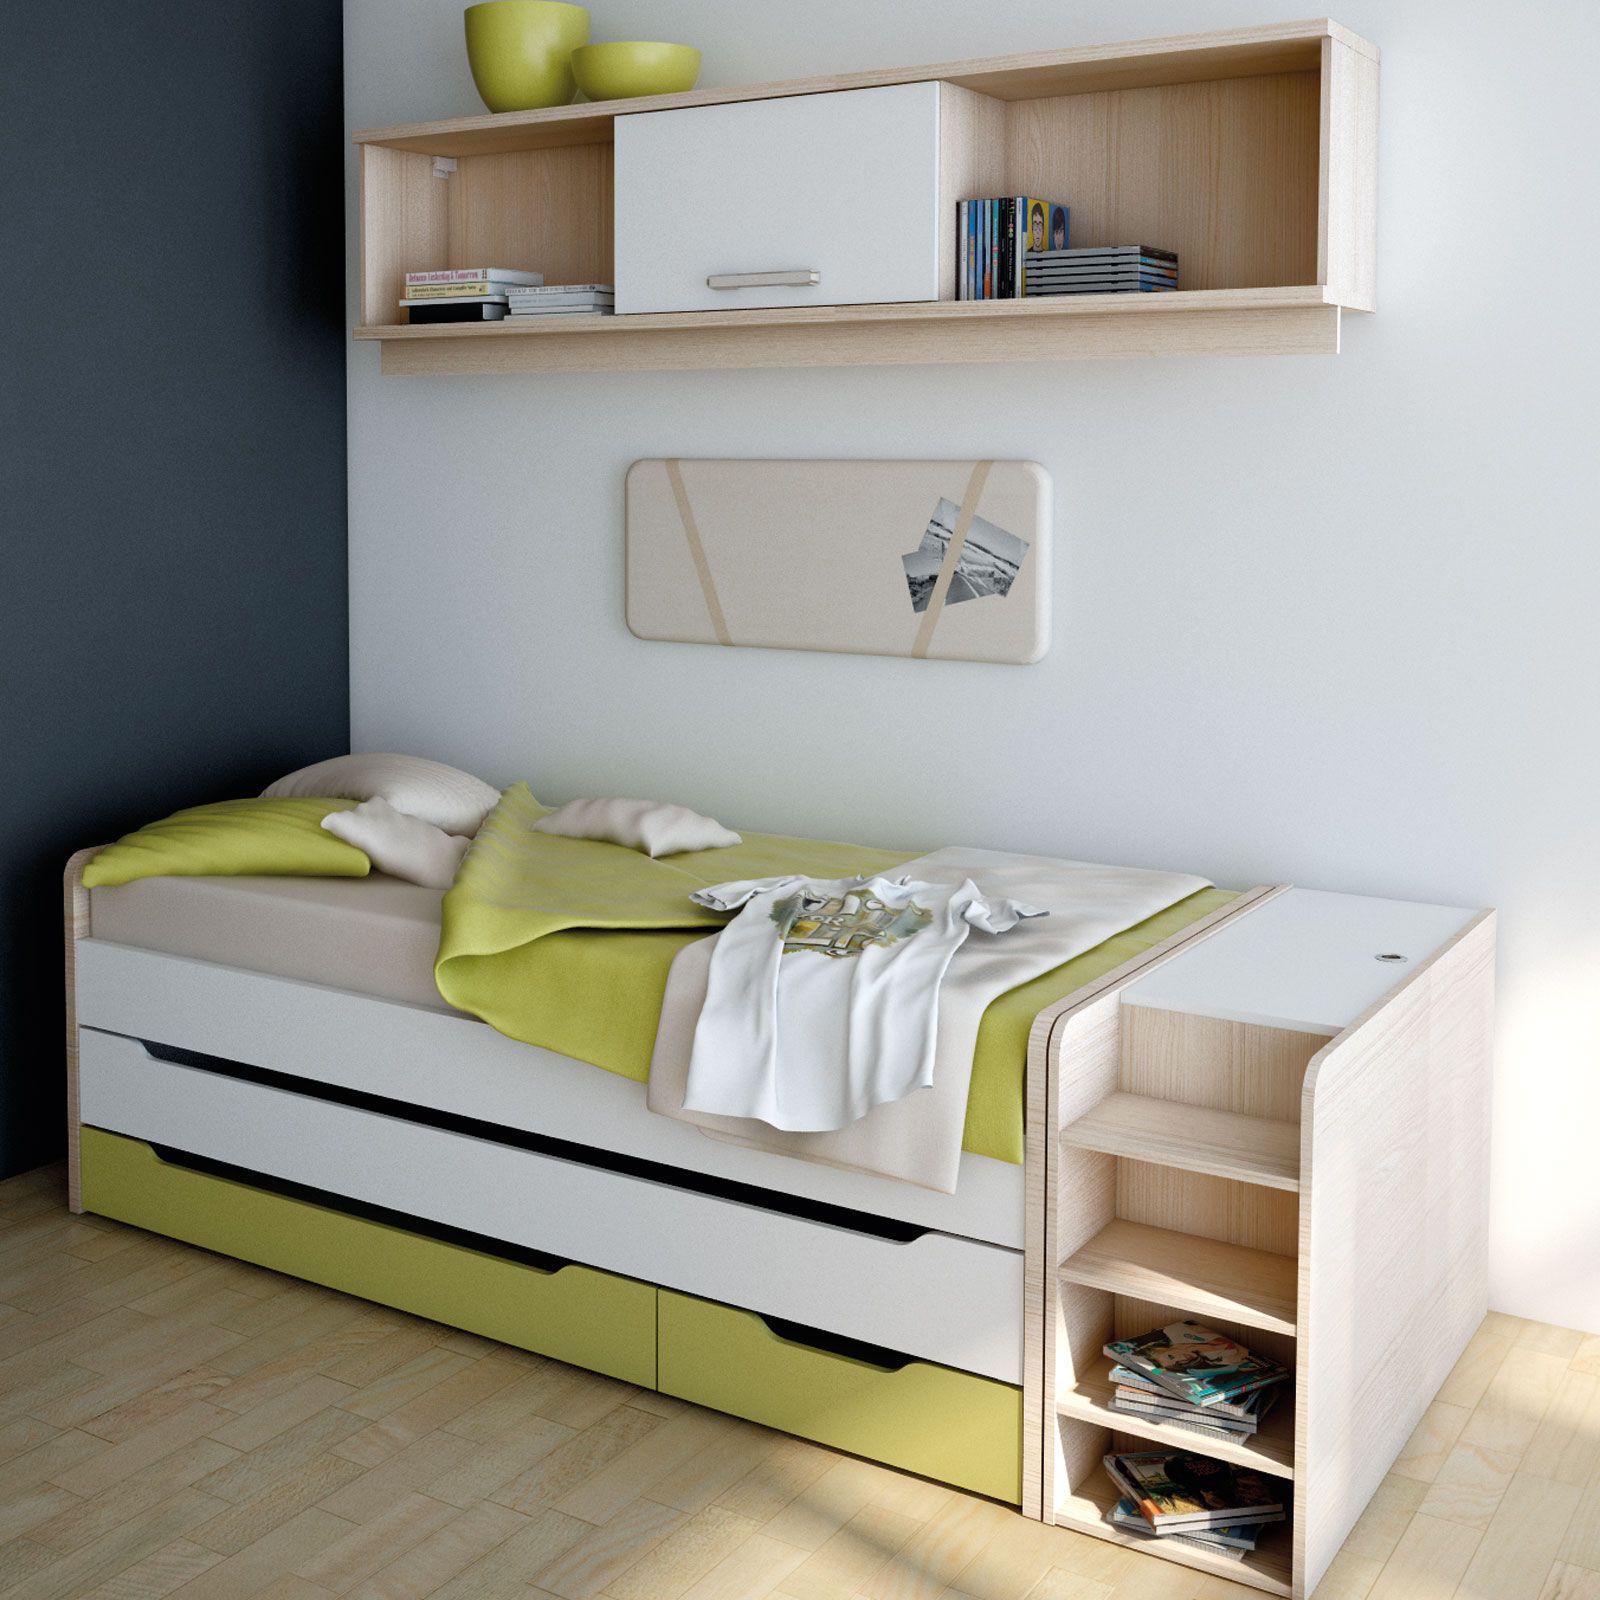 Inspirierend Ikea Bett 90x200 Bild Von Wohndesign Dekoration